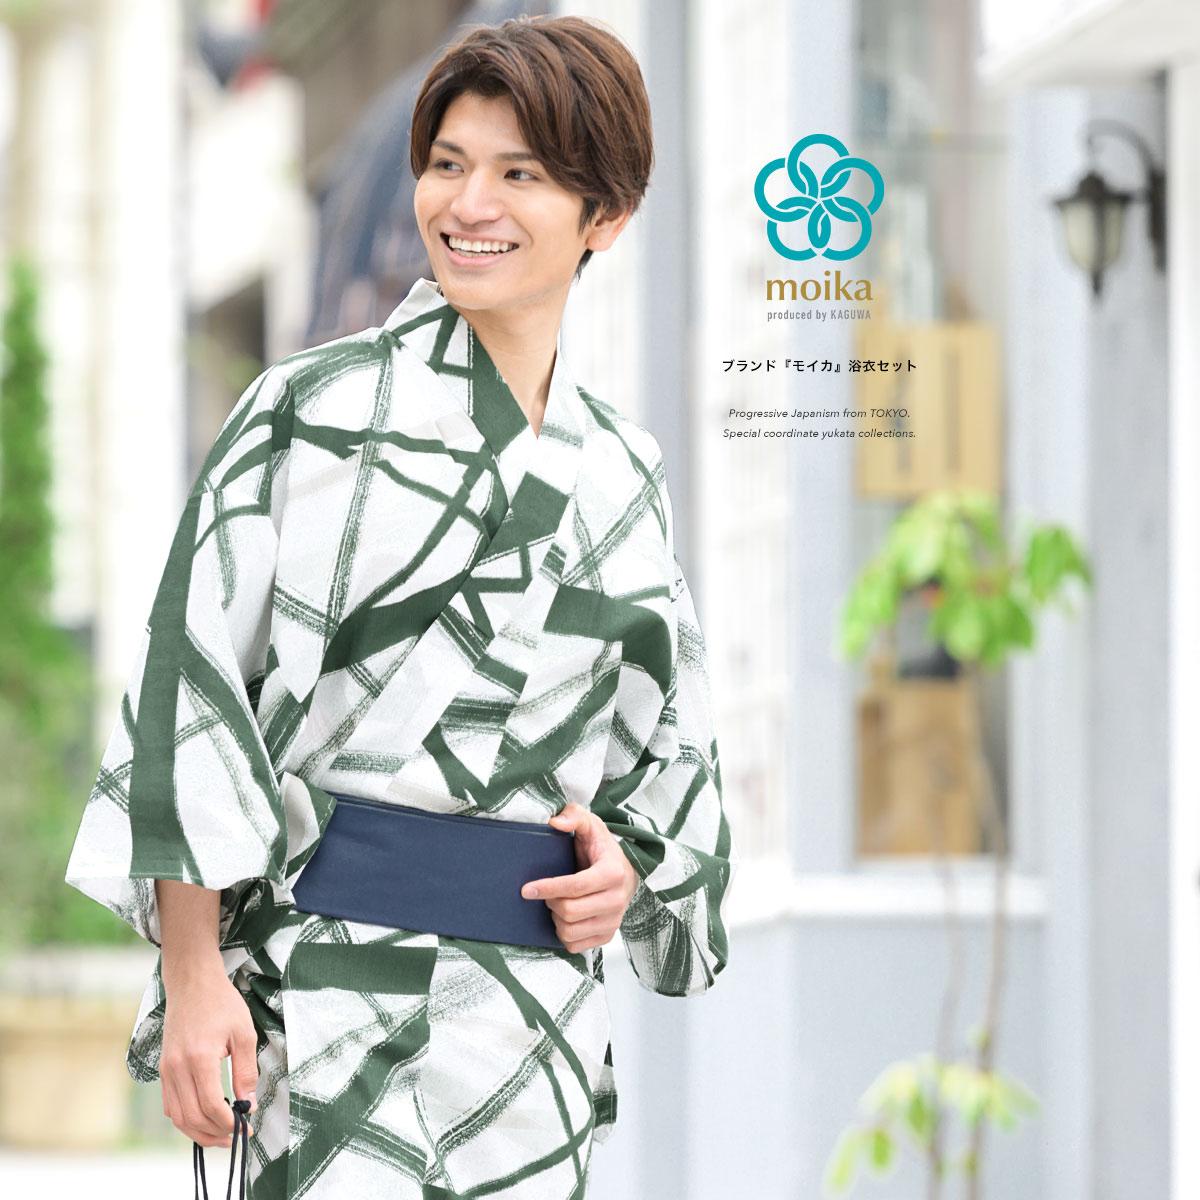 浴衣 ゆかた 緑 グリーン 筆 墨 線 幾何学 モダン メンズ 結婚祝い 男性 Lサイズ 綿 moika Mサイズ レトロ 3点セット 仕立て上がり 大人 変わり織り 定番から日本未入荷 男性用 仕立上がり